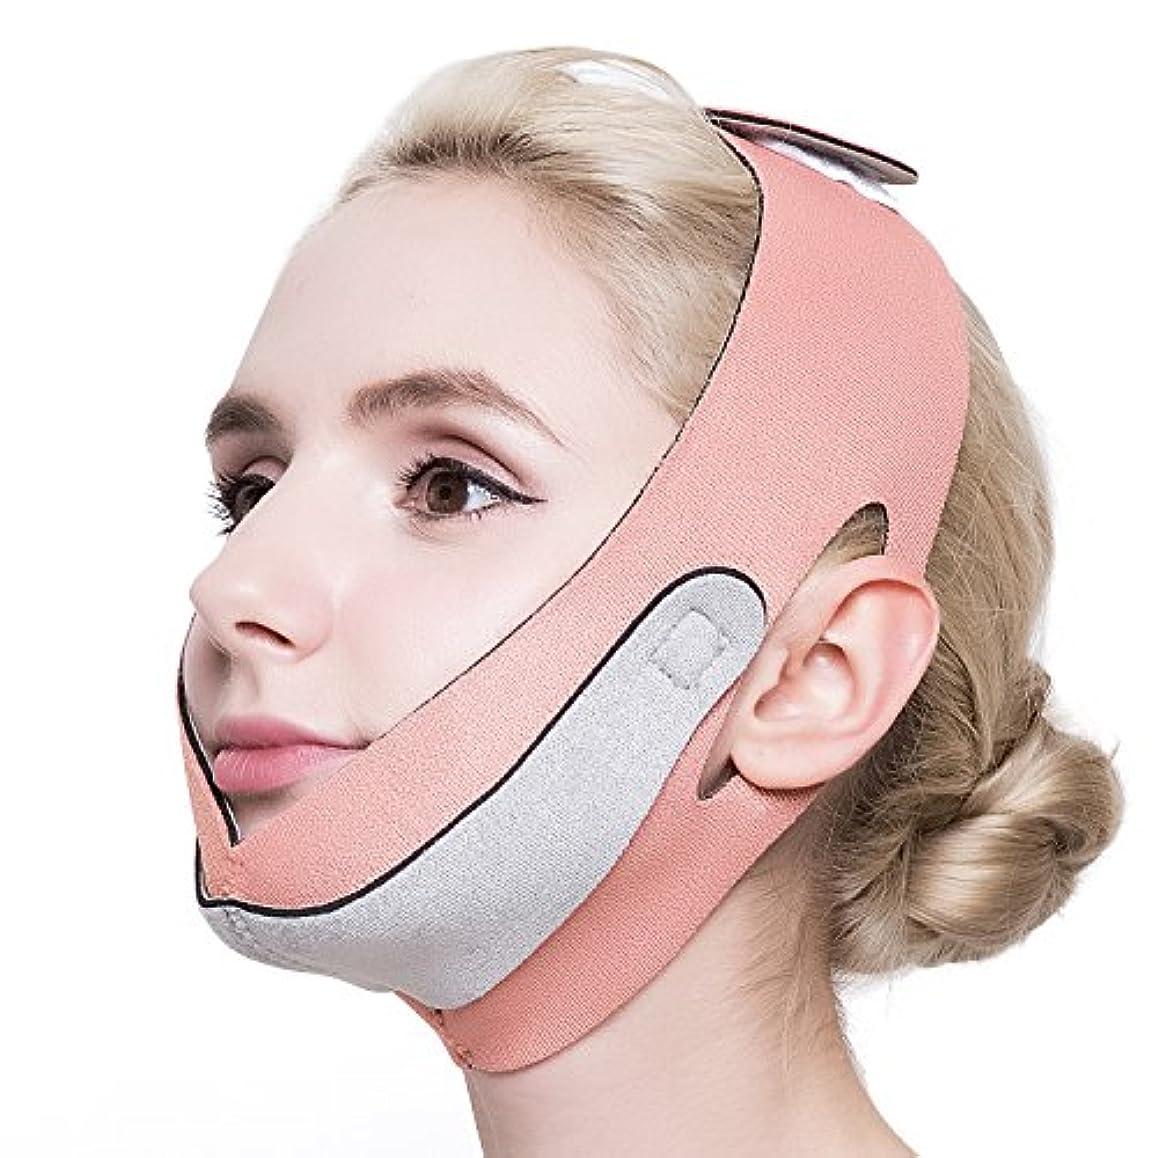 世界楕円形レディPLEASINGSAN 小顔 矯正 顔痩せ グッズ フェイスマスク ベルト メンズ レディース